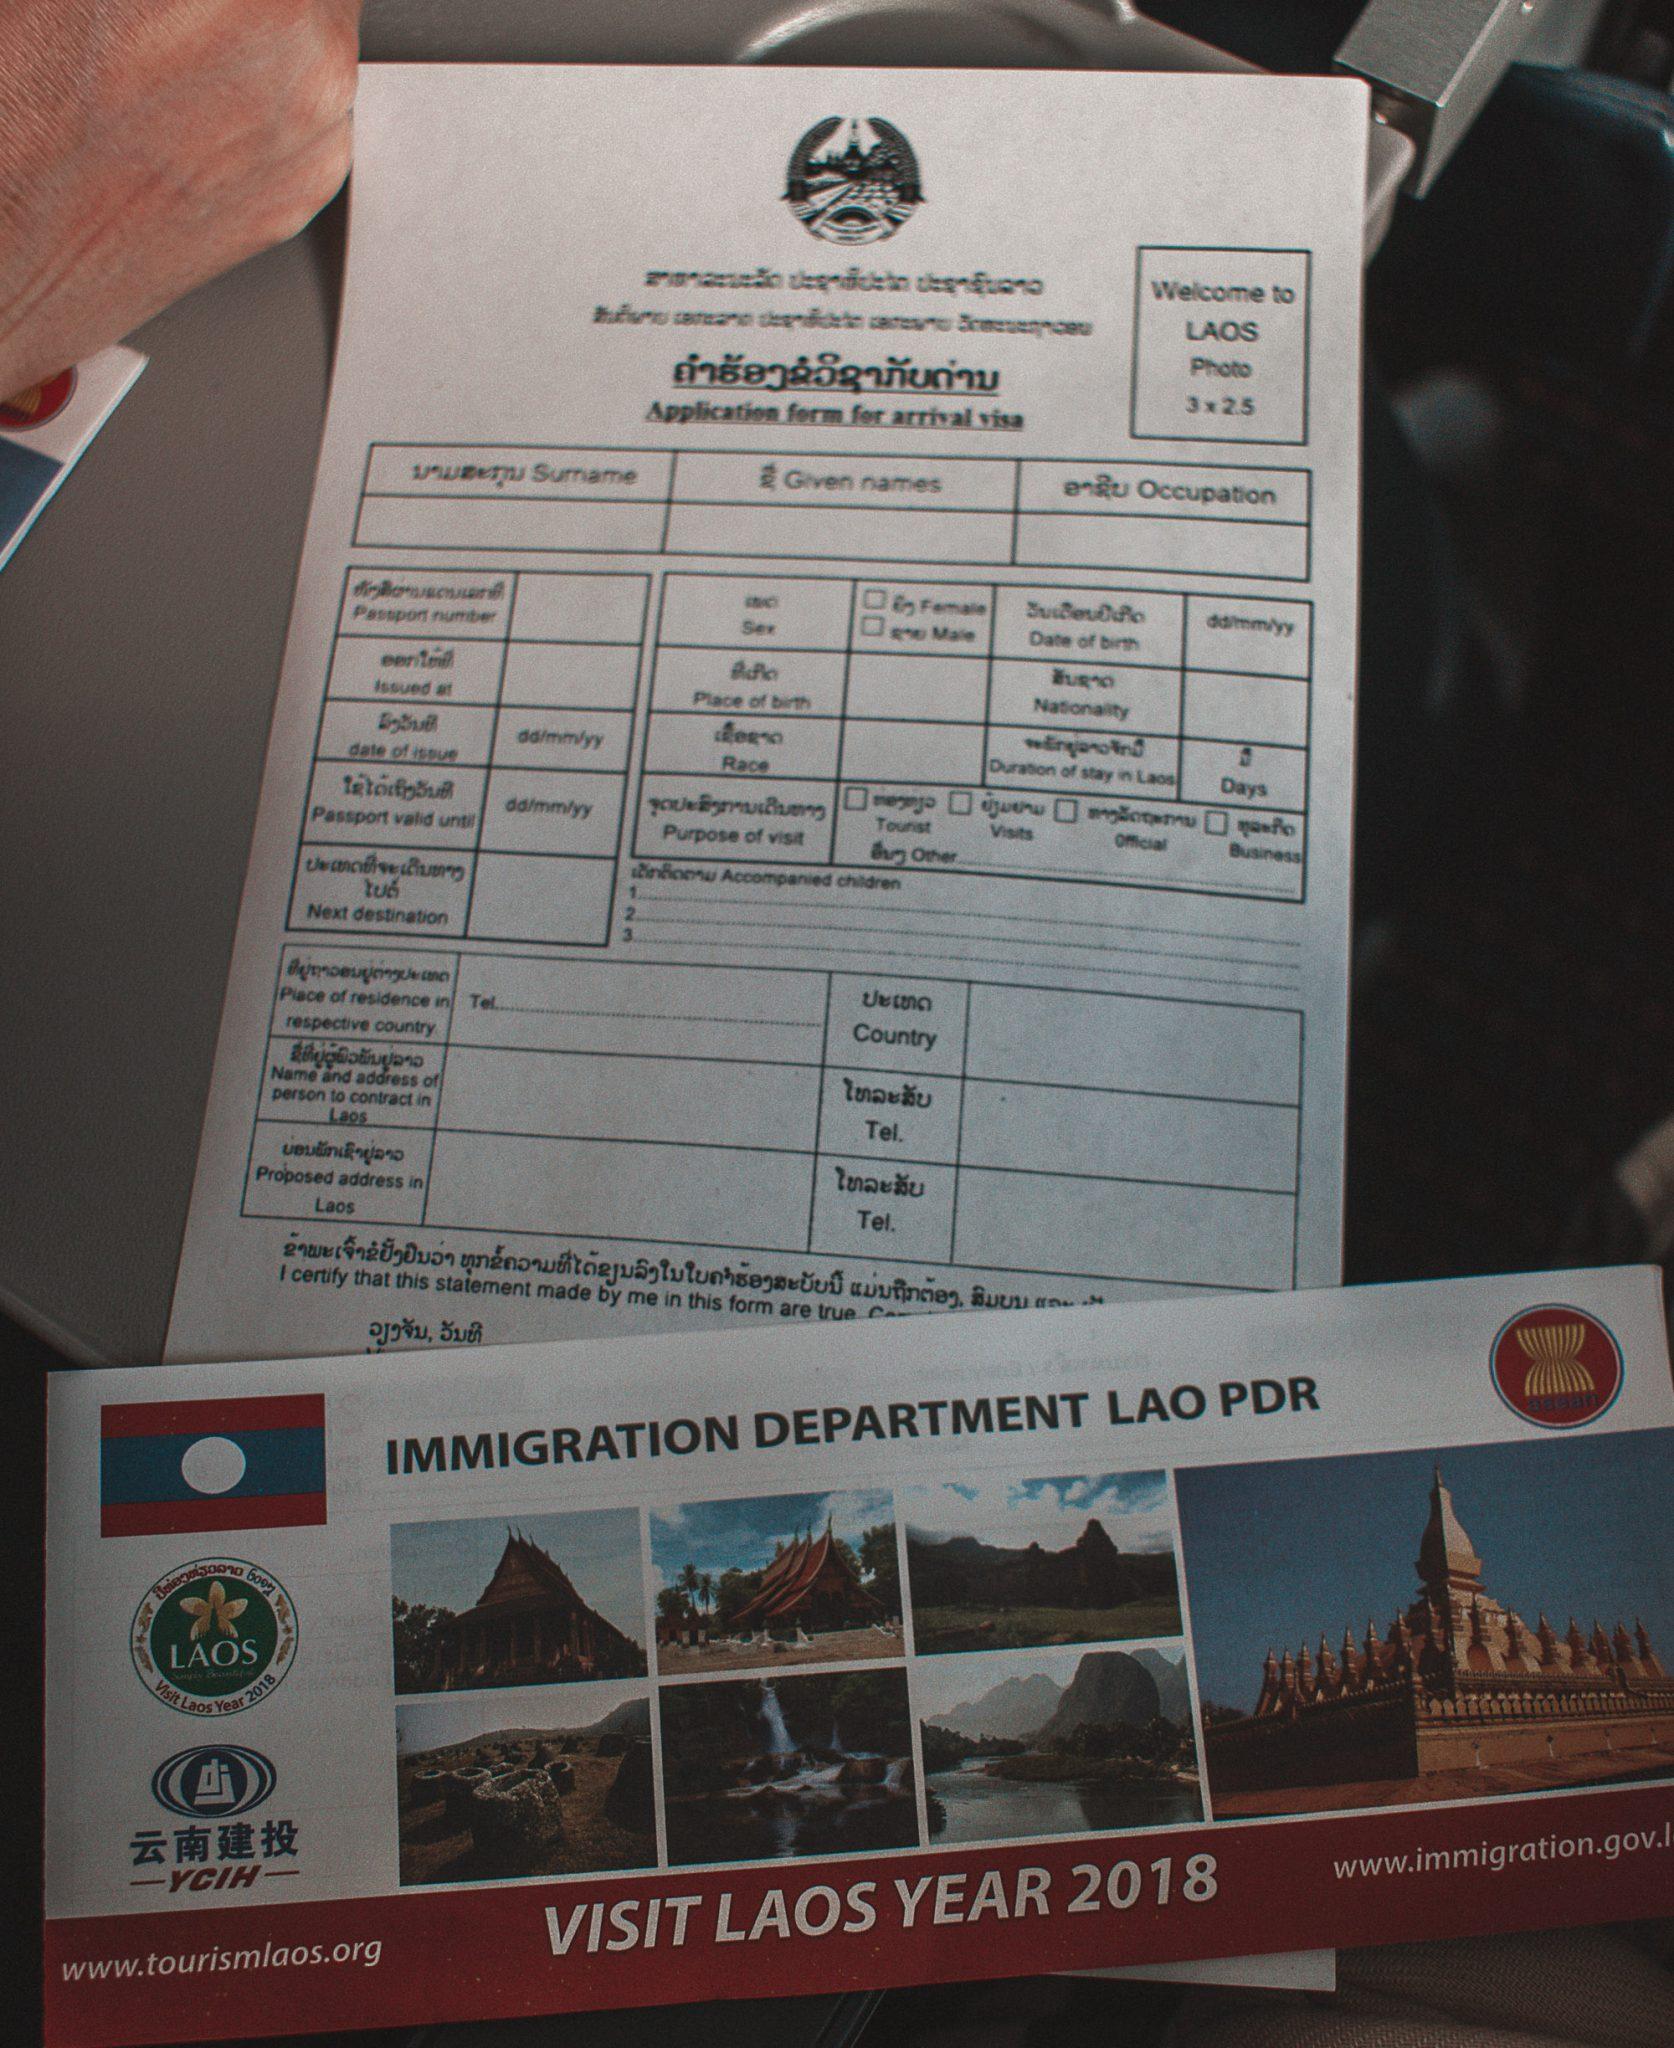 Visto de viagem do Laos